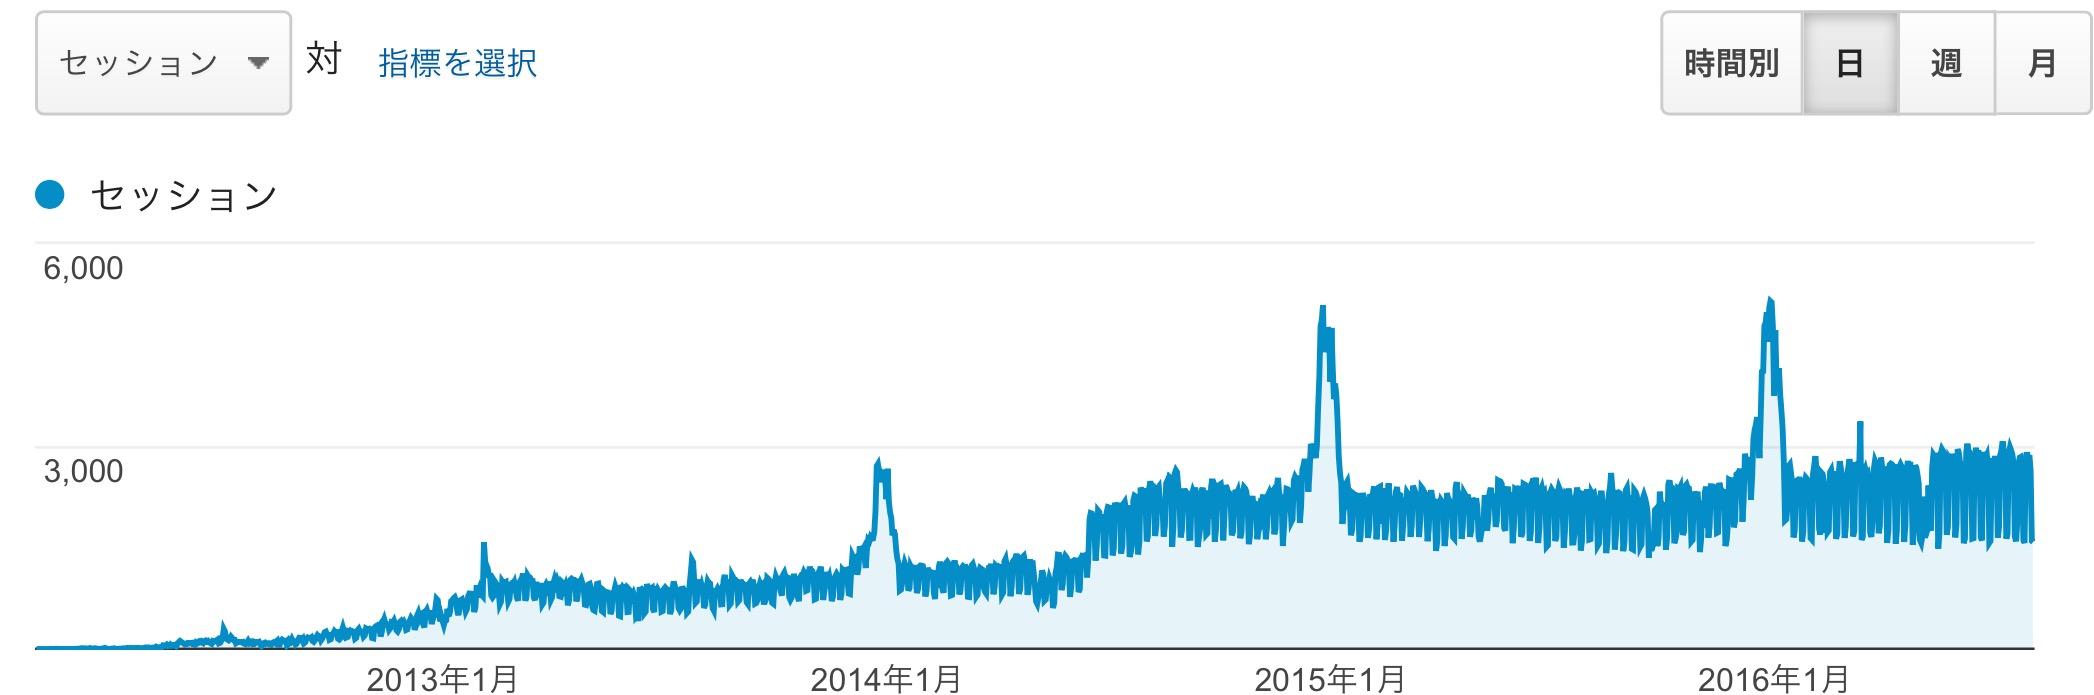 2012 年 2 月から、2016 年 7 月いっぱいまでのアクセス